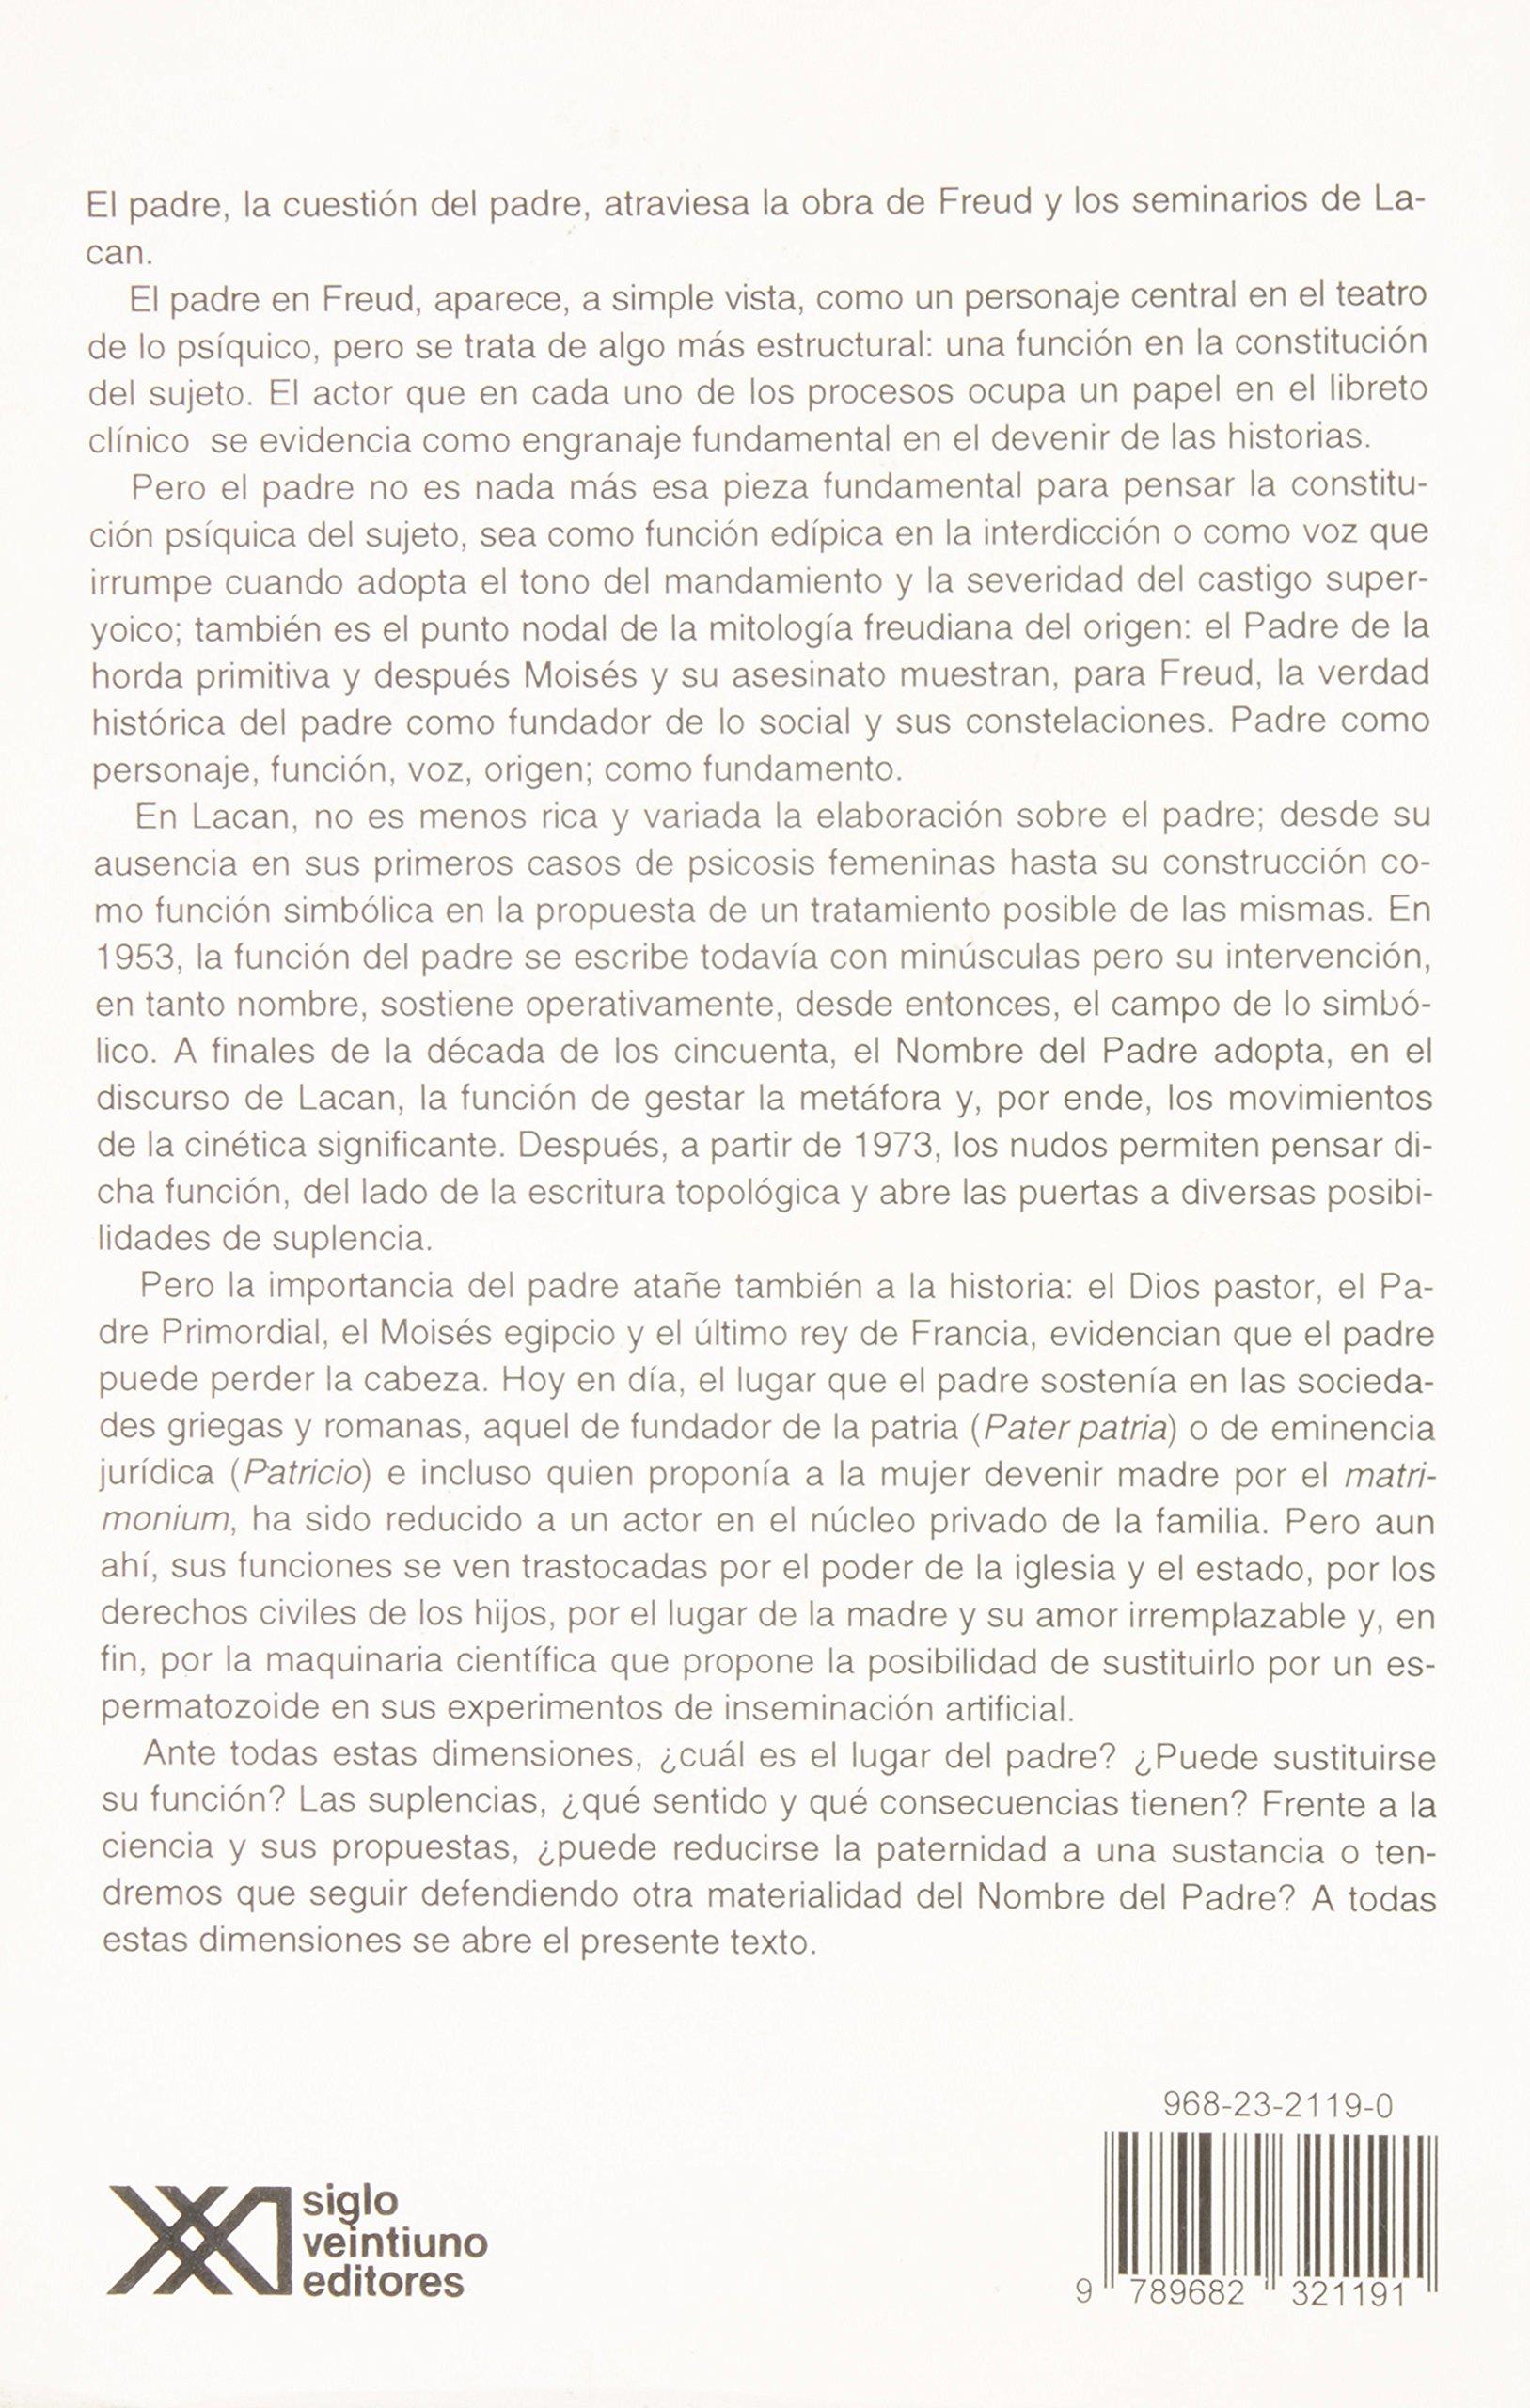 Las suplencias del nombre del padre Psicología y psicoanálisis: Amazon.es: Daniel Gerber, Helí Morales, Elsa Hernanz, Josefina Anaya, María Luisa MArtínez ...